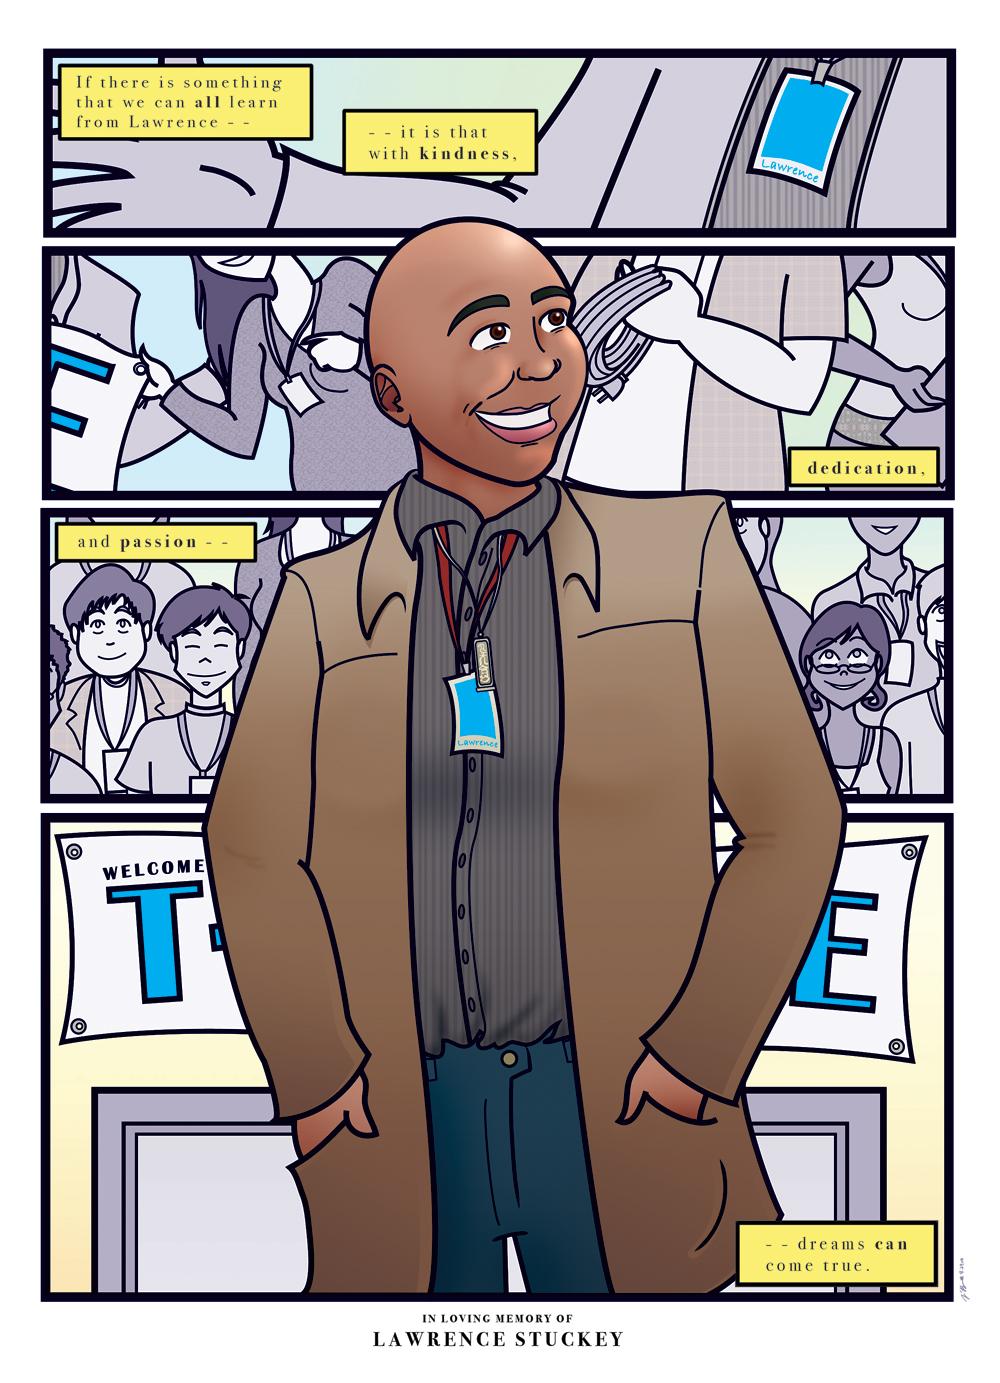 2008_lawrence-tribute_GeeksNextDoor.jpg